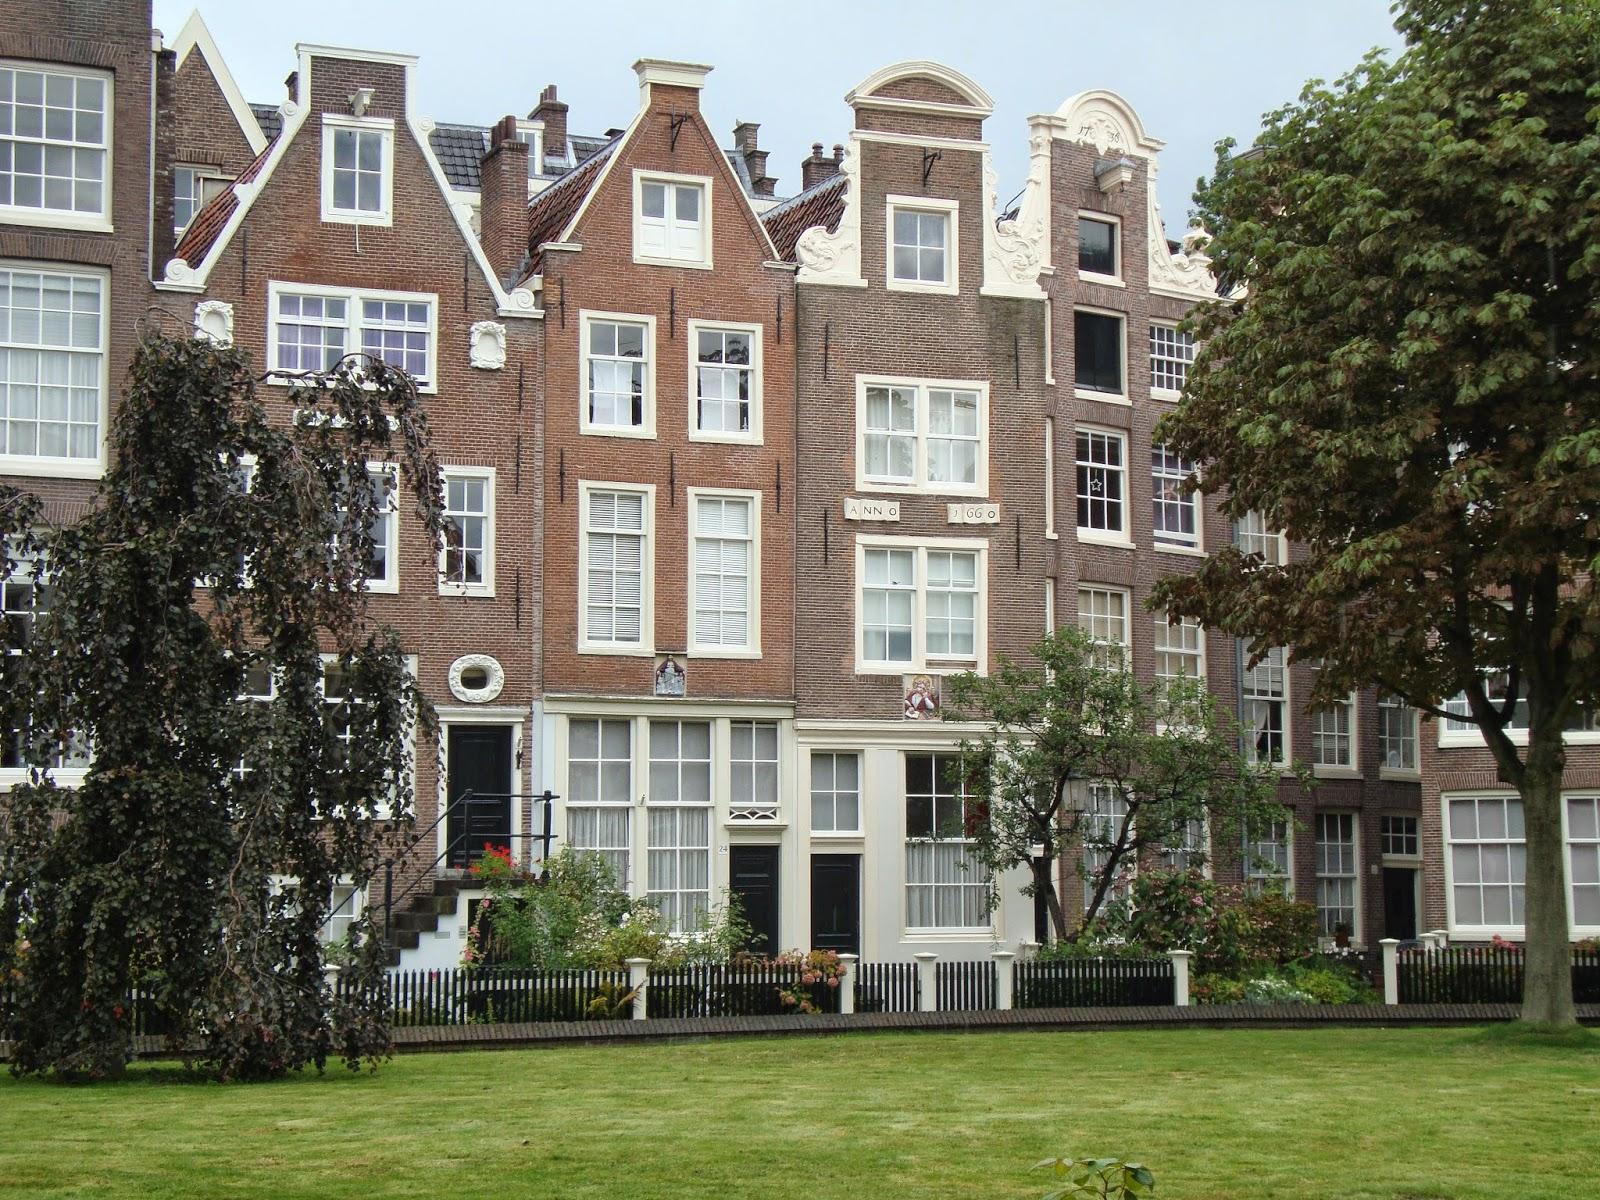 Un piccolo giardino in citt il begijnhof di amsterdam for Case amsterdam affitto economiche